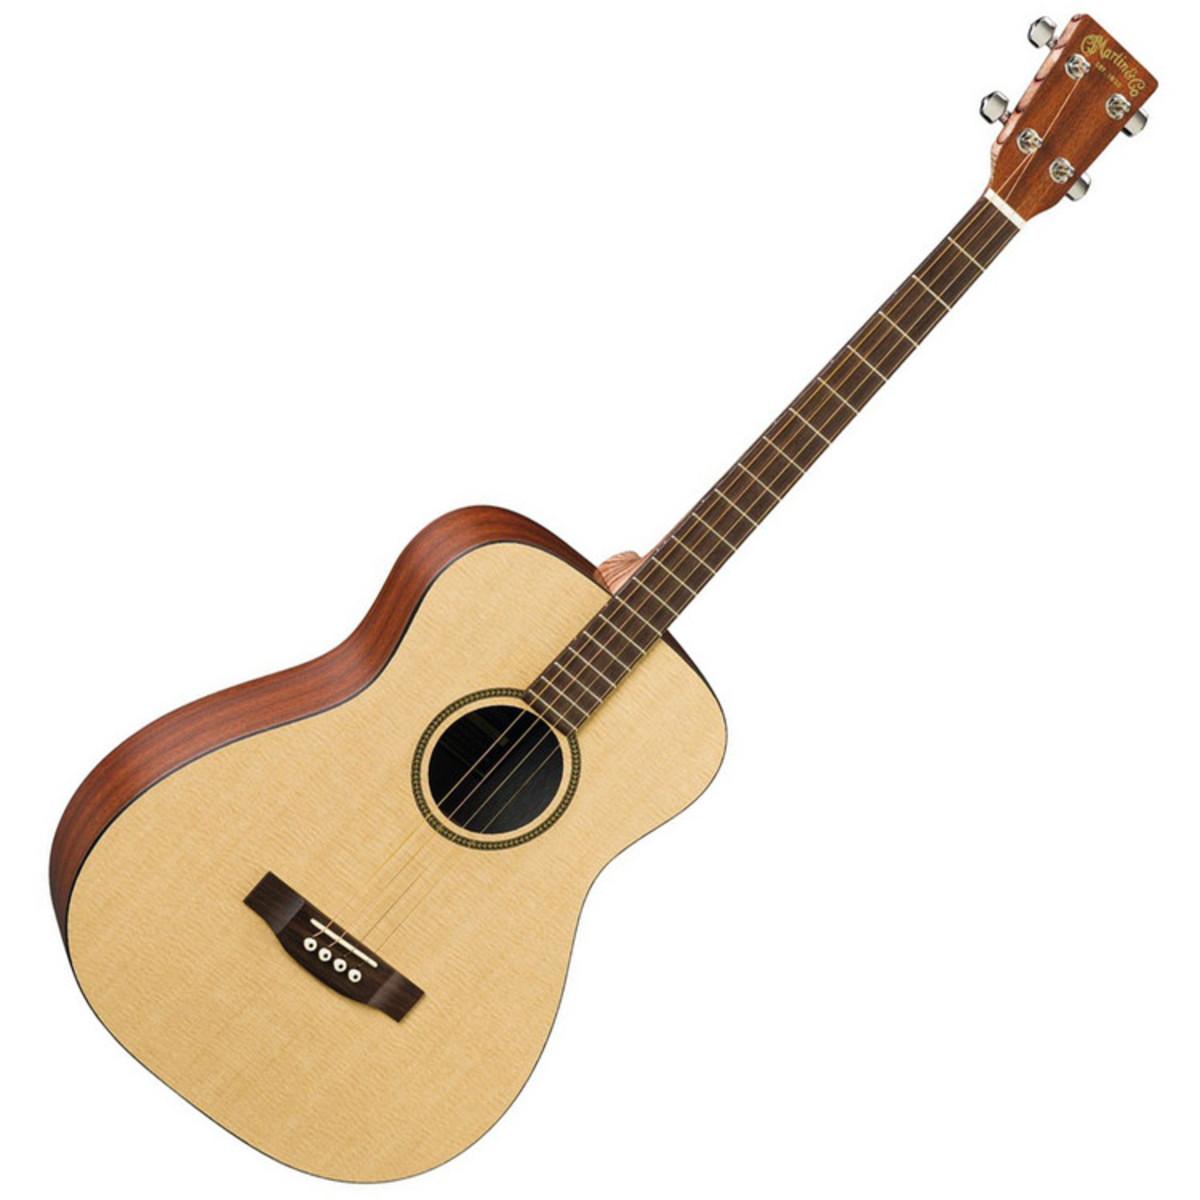 martin lxm little martin tenor guitar inc gig bag at. Black Bedroom Furniture Sets. Home Design Ideas